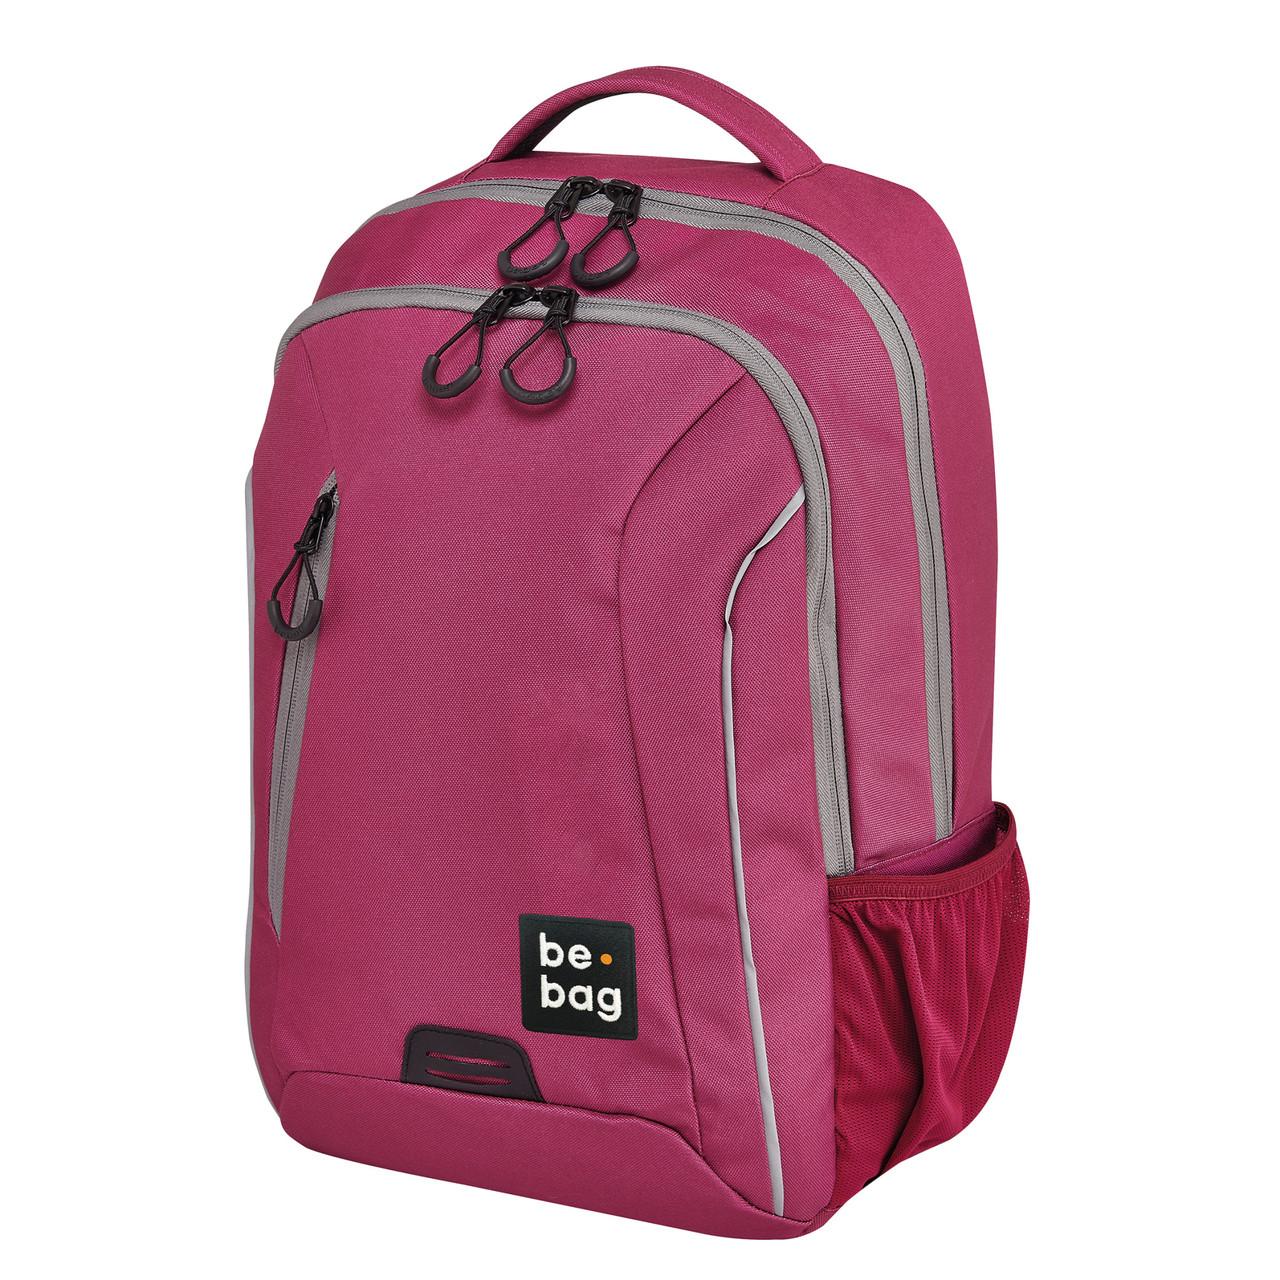 Рюкзак Herlitz Be.Bag be.urban Berry&Grey рожевий